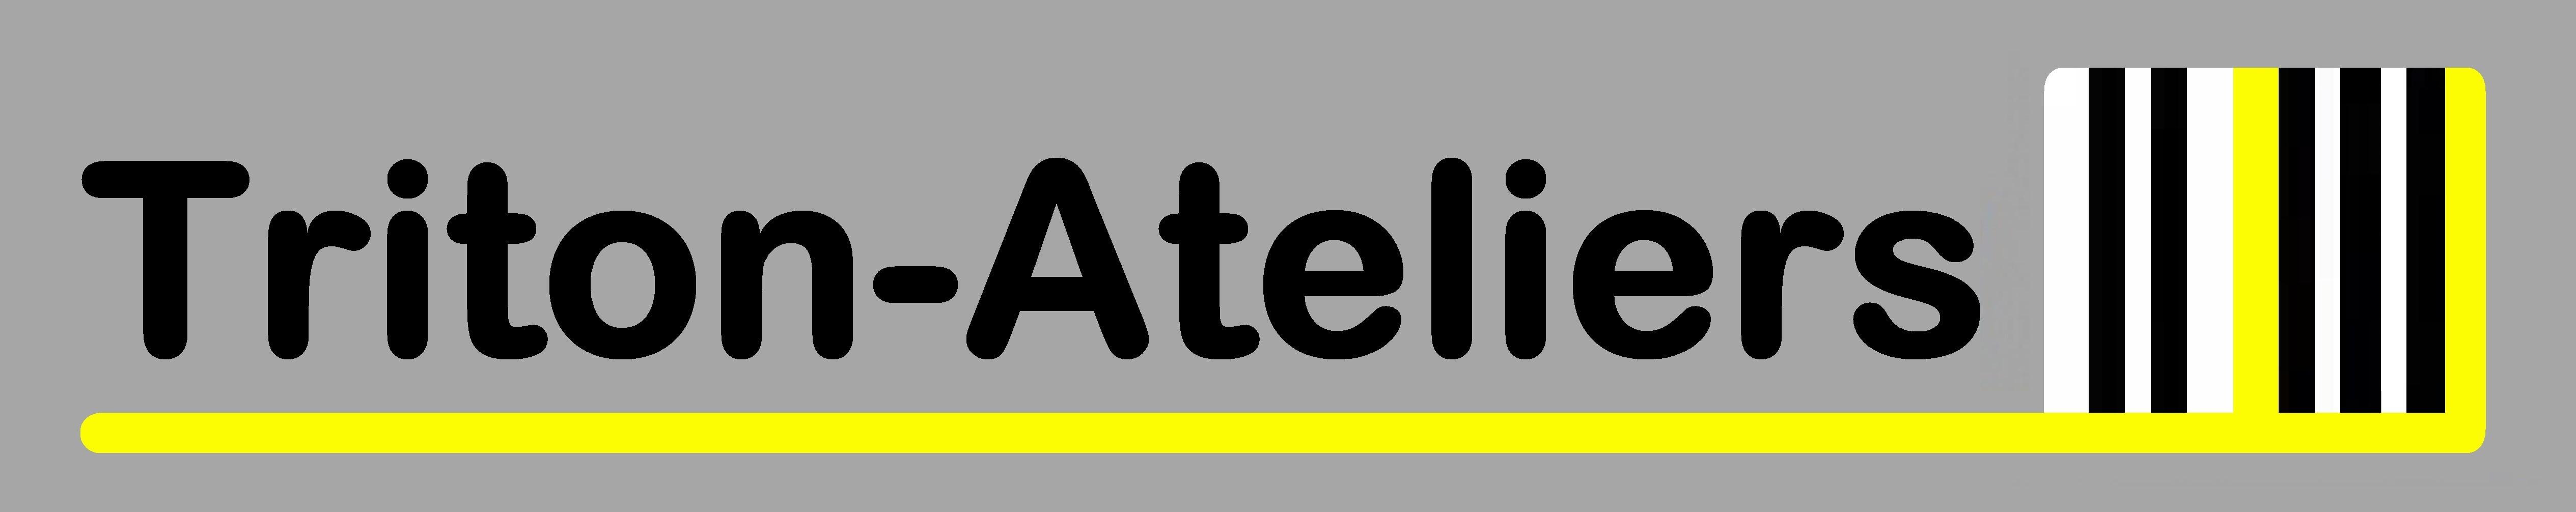 Triton-Ateliers Logo neu 10 ohne Textjpg